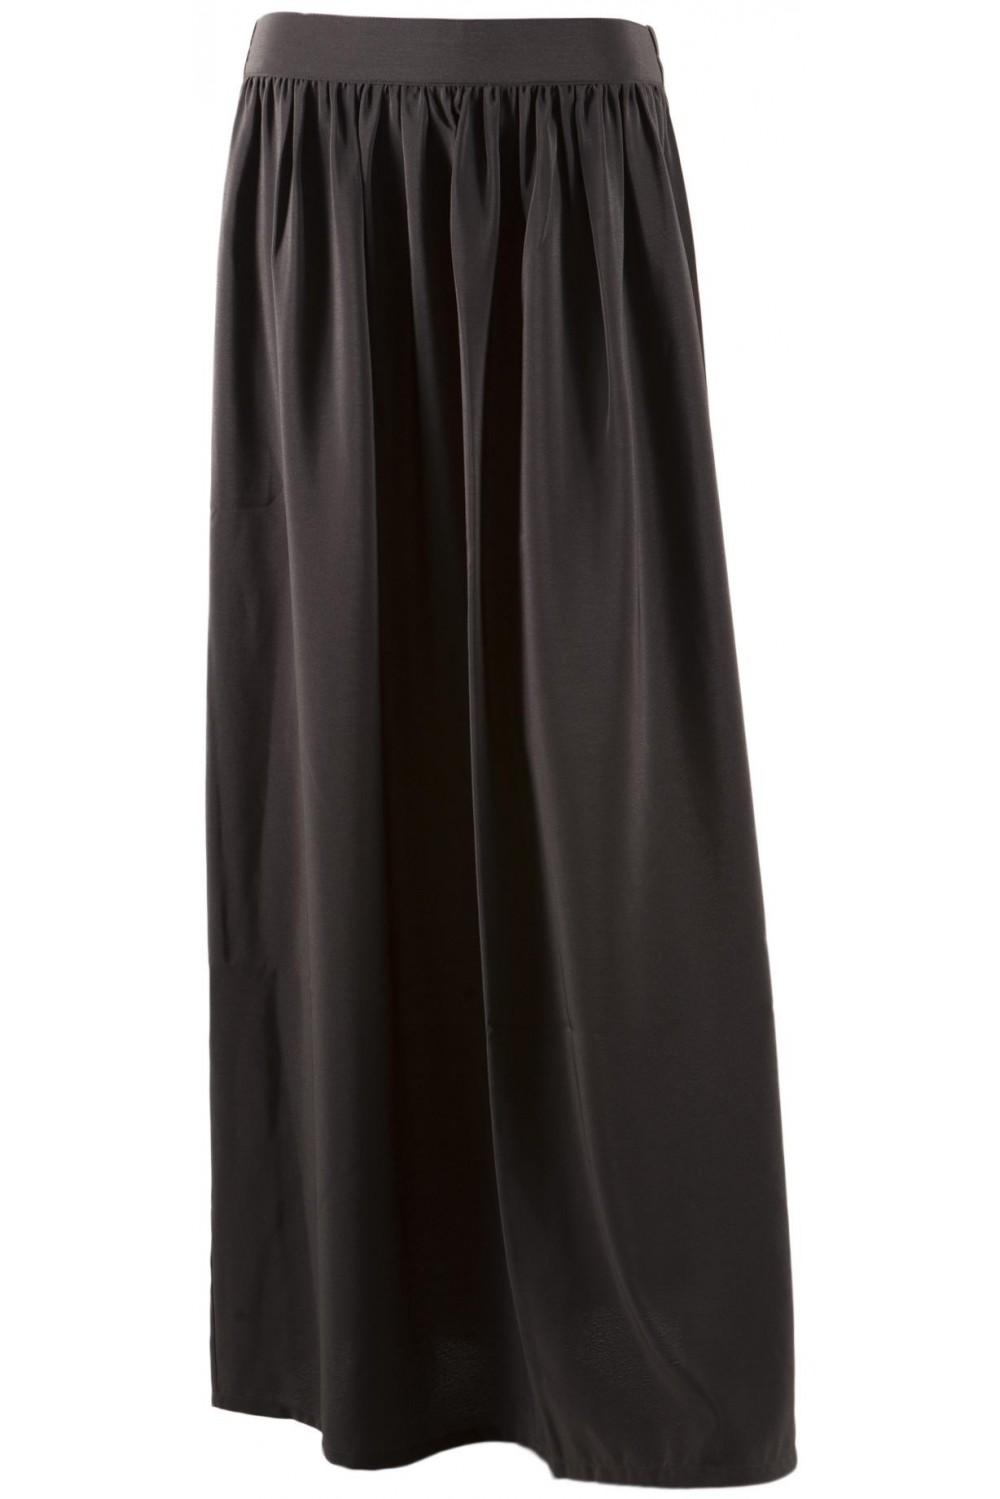 sianat page 3 sur 26 abaya et jilbab sianat marque de v tements islamiques pour femmes. Black Bedroom Furniture Sets. Home Design Ideas